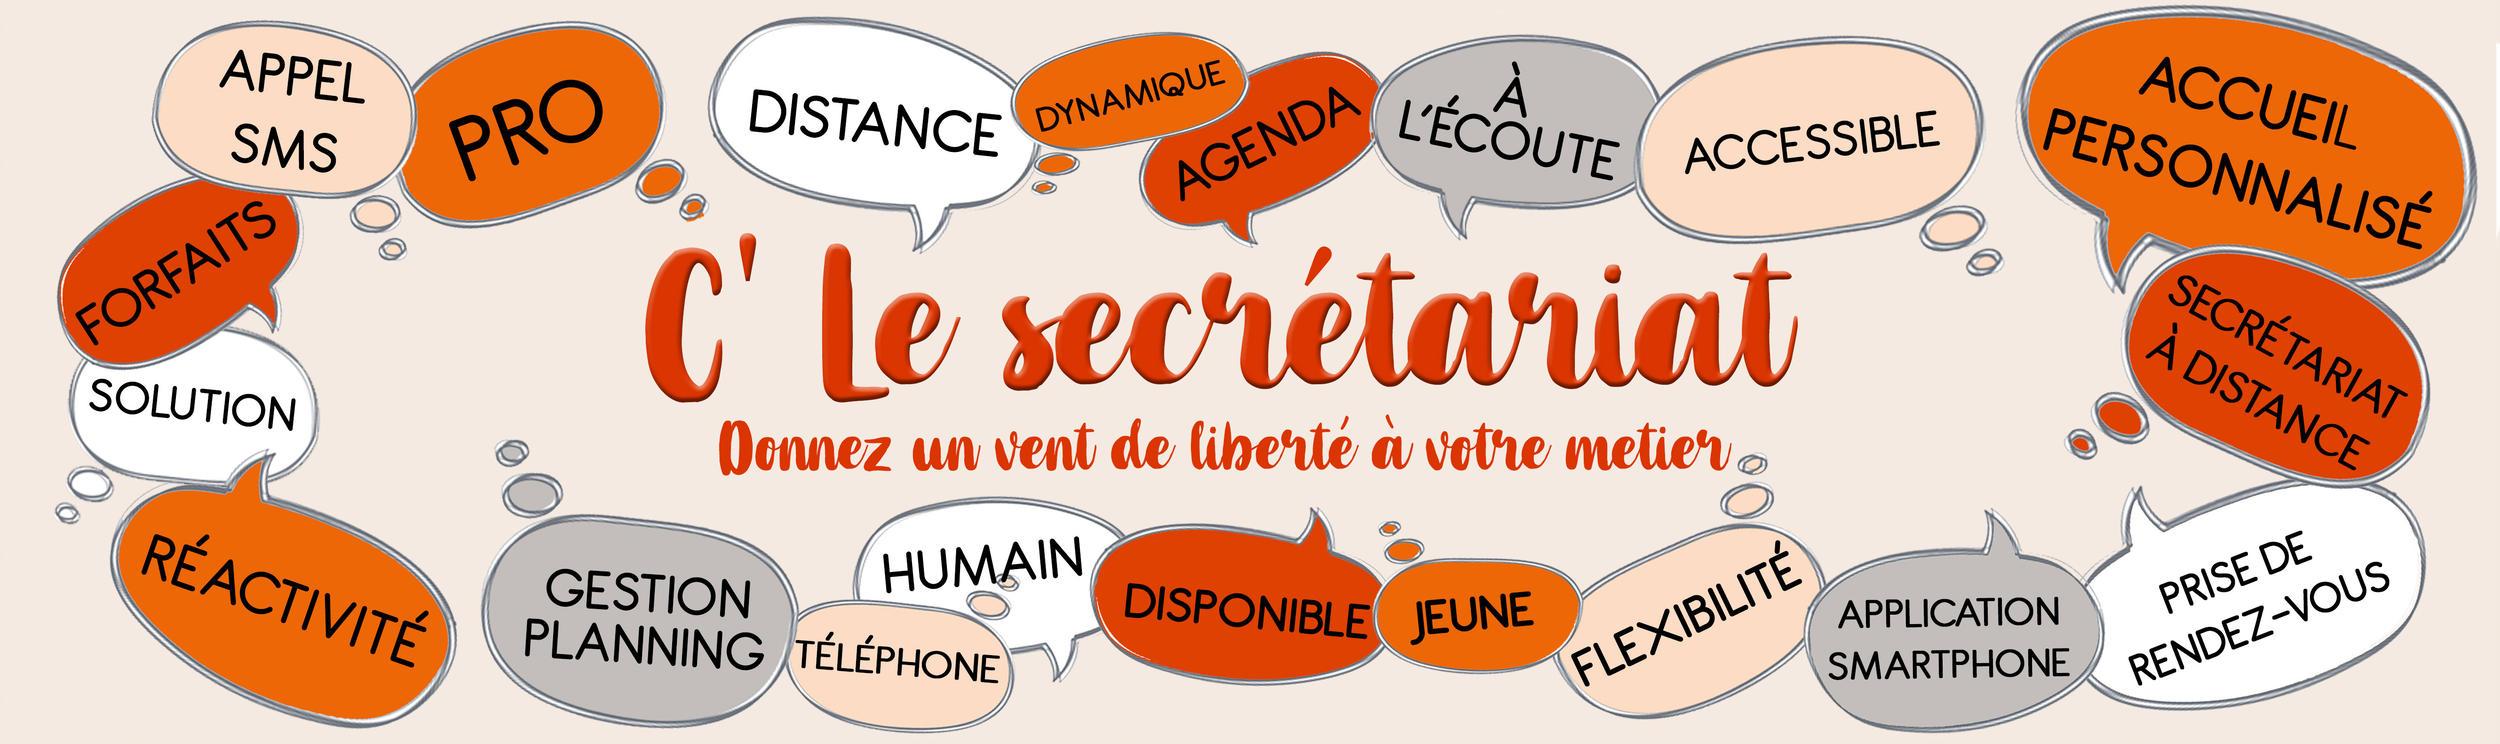 Accueil - Secrétariat